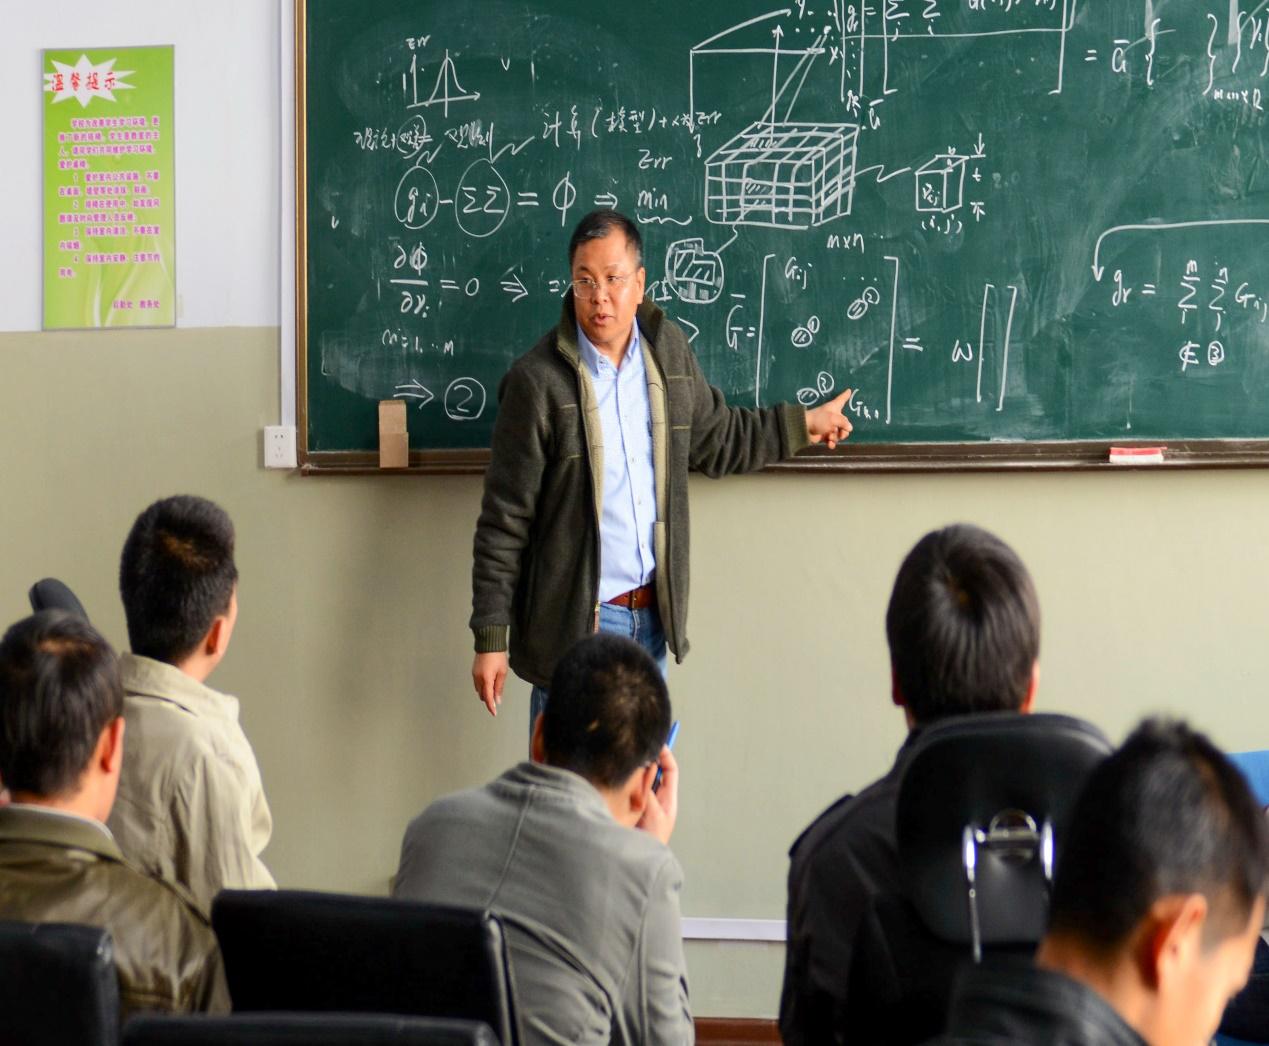 黄大年在为吉林大学的学生们授课(2011年4月10日摄)。新华社发